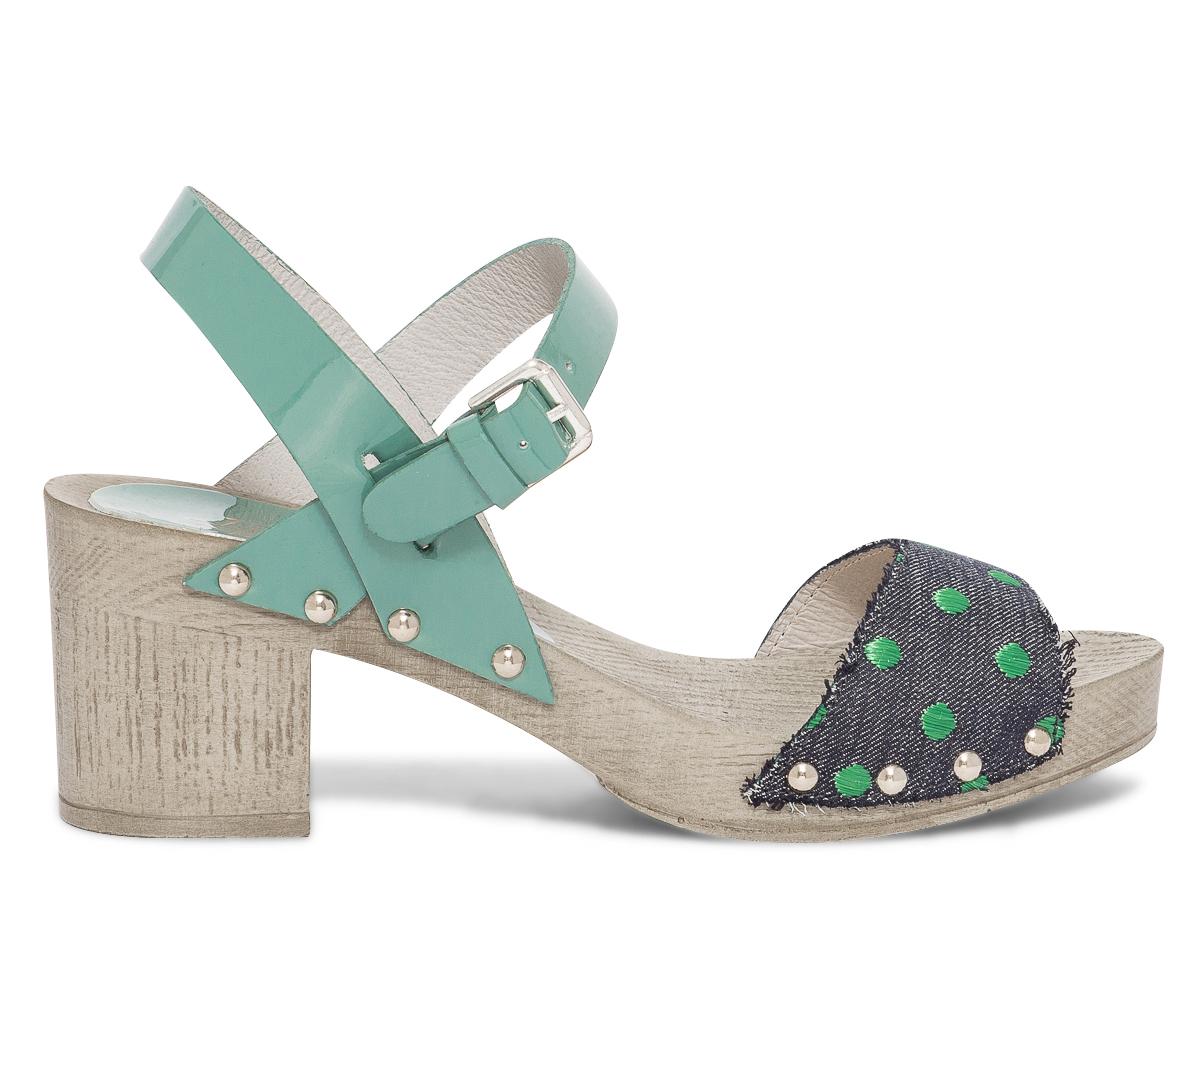 Vintage Sandale En Vert Jade Ippon Cuir Verni Qhtrds